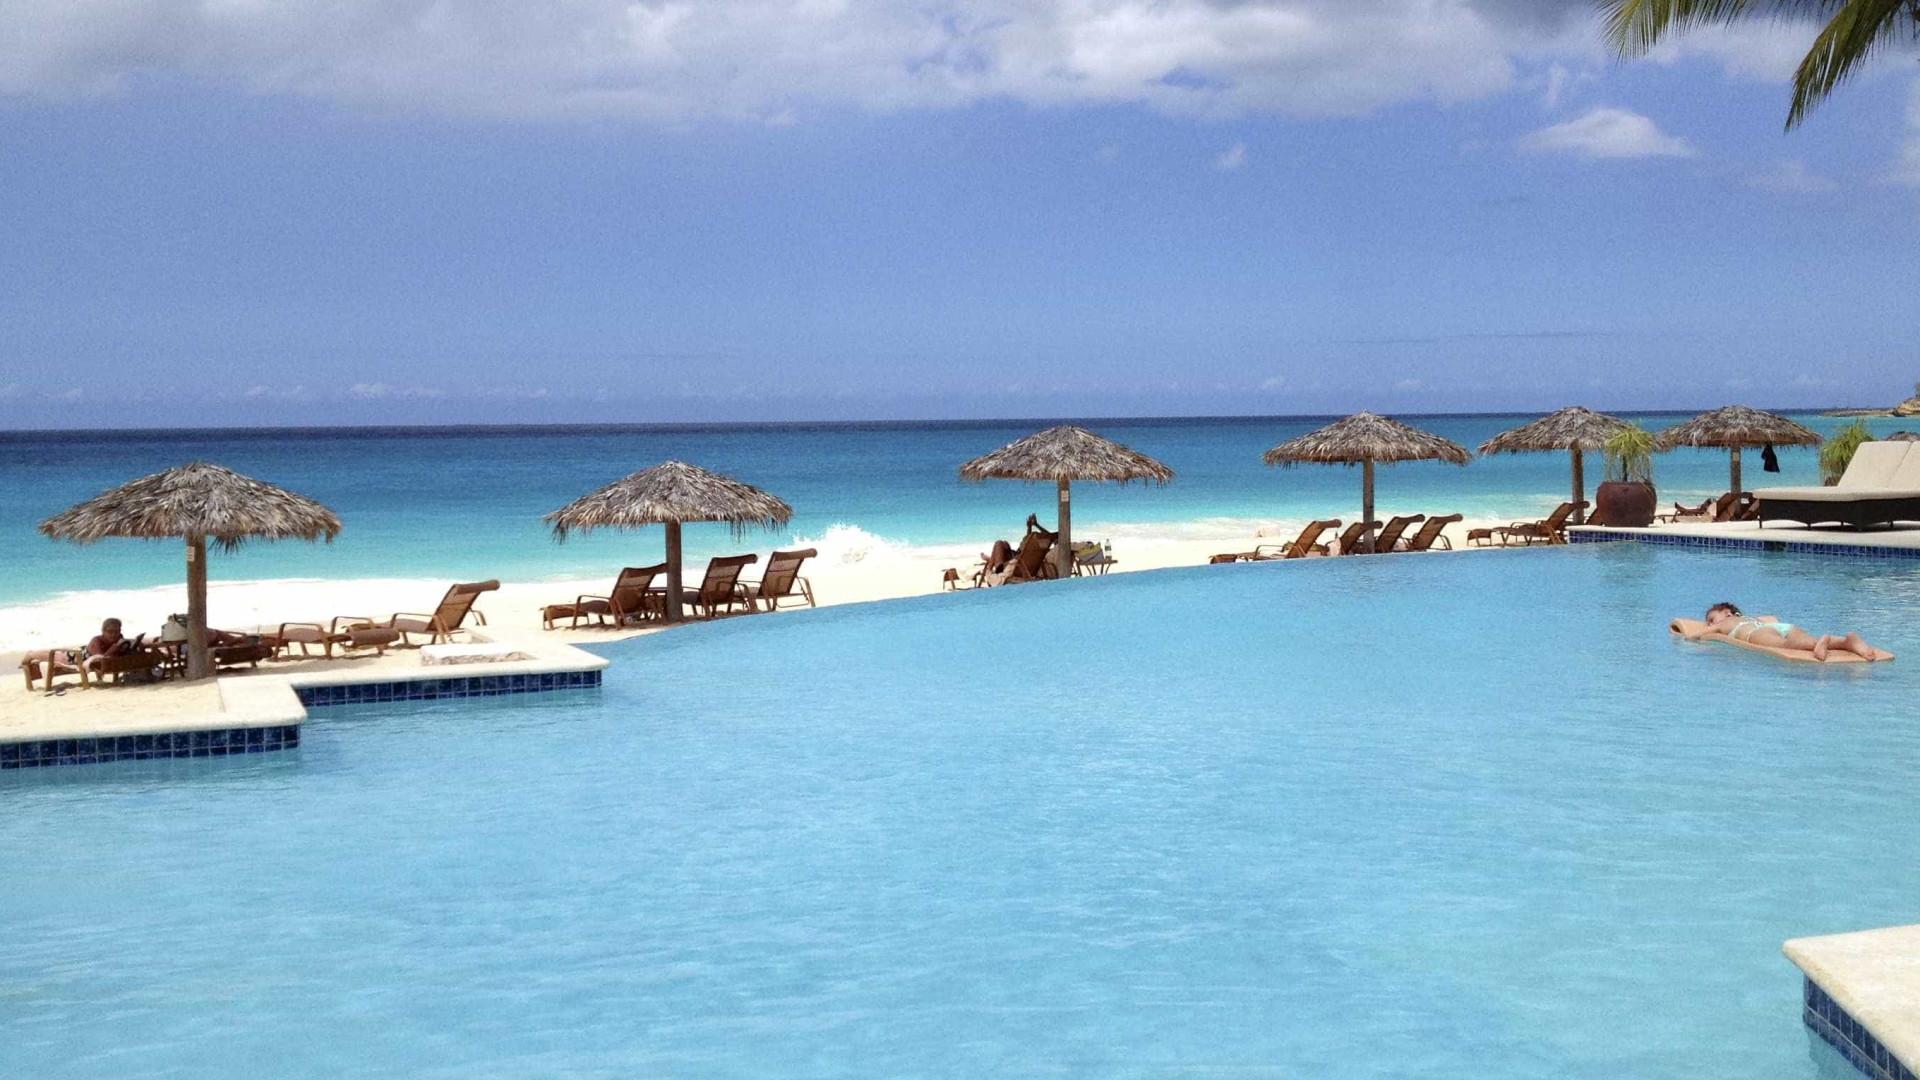 Praias incríveis fazem de Anguilla e St. Barth os destinos do momento